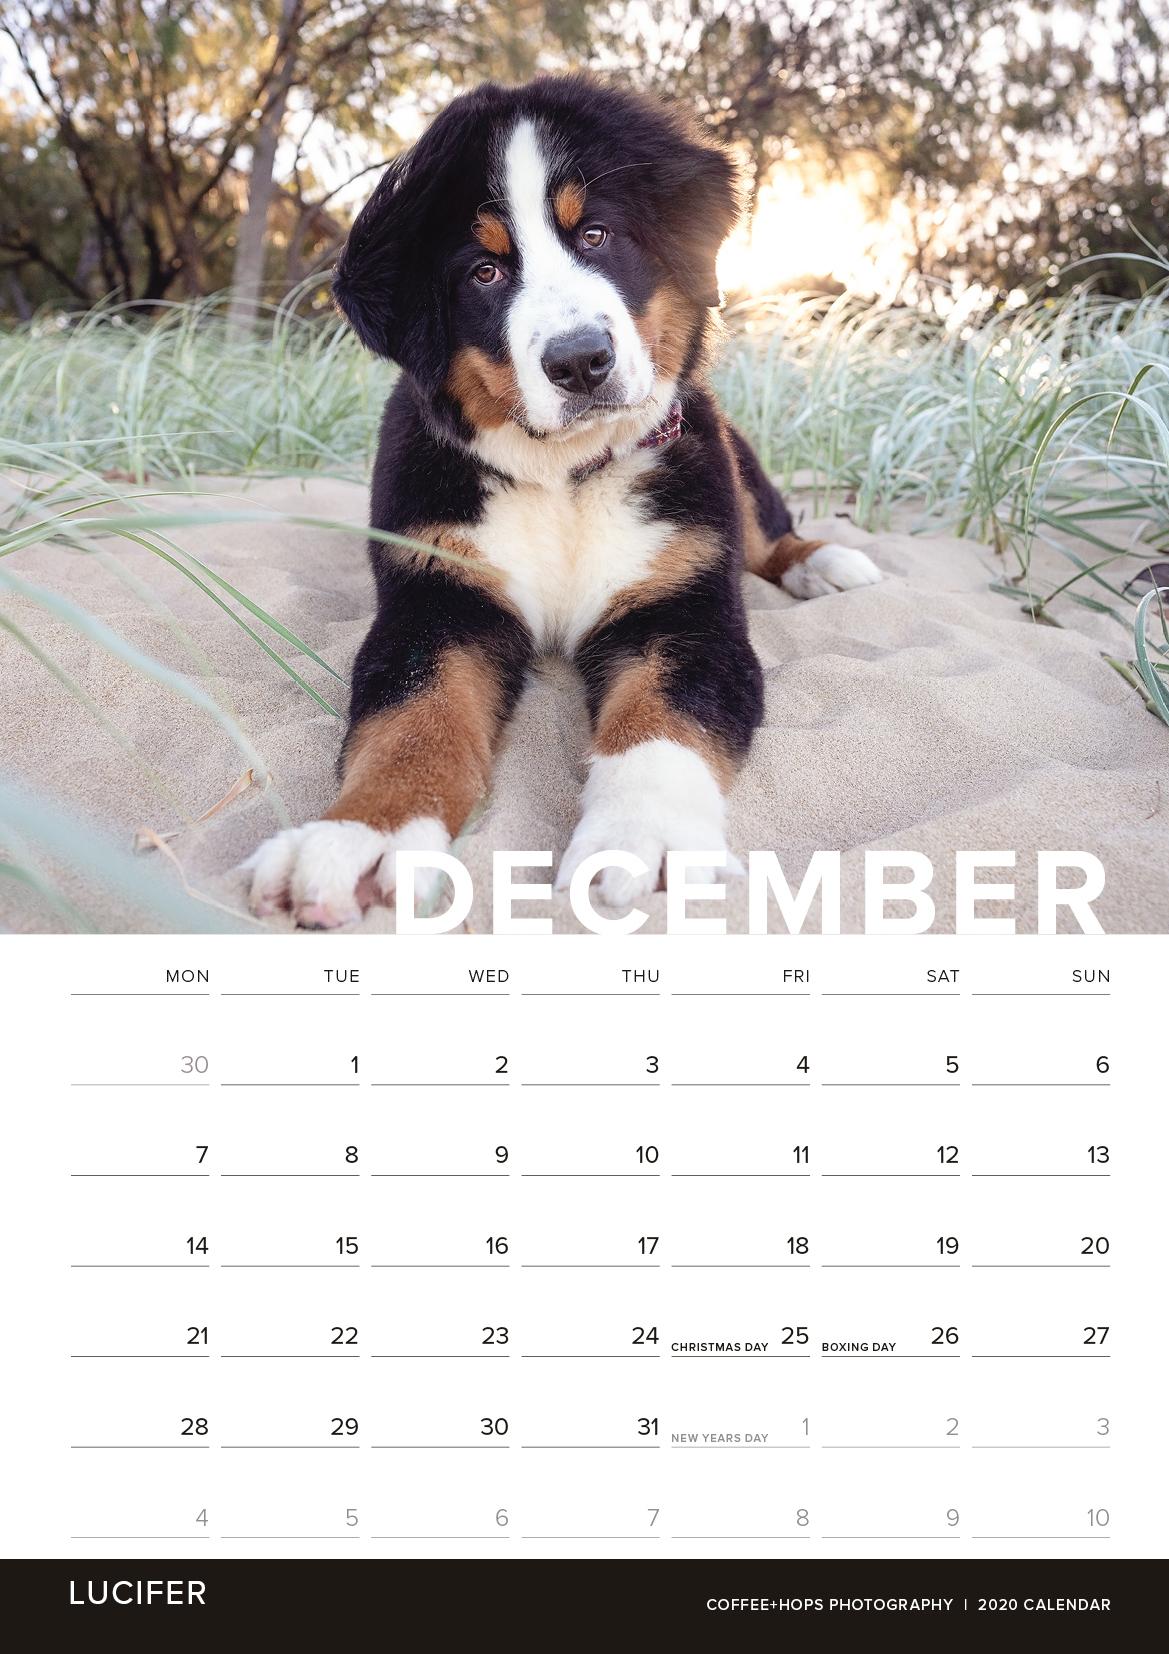 2020-calendar-internals12.jpg